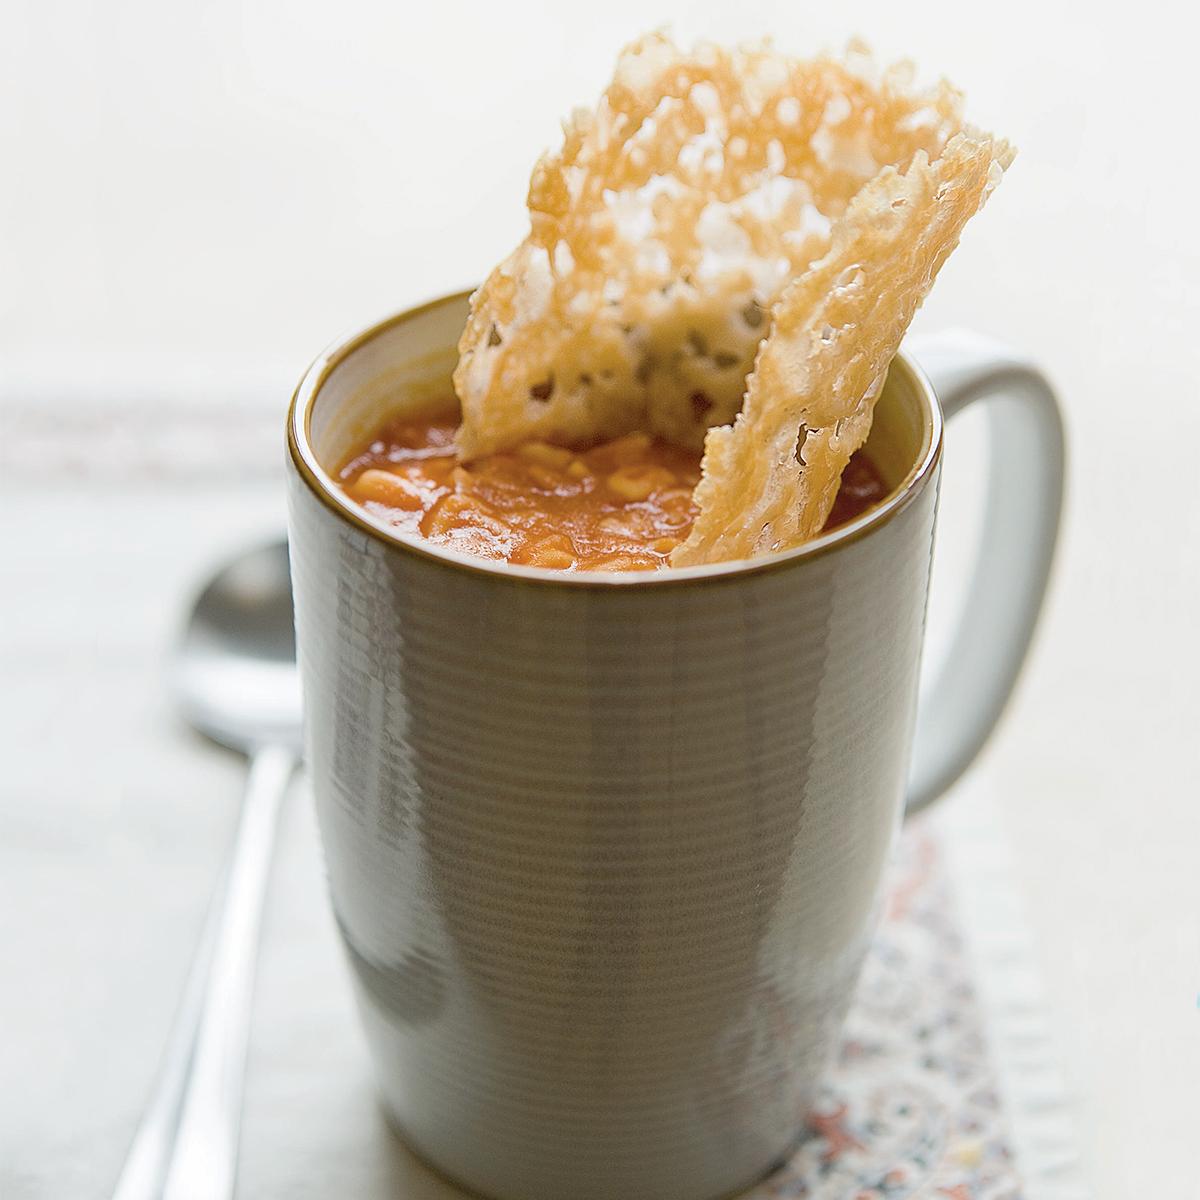 tomato alphabet soup with parmesan crisps